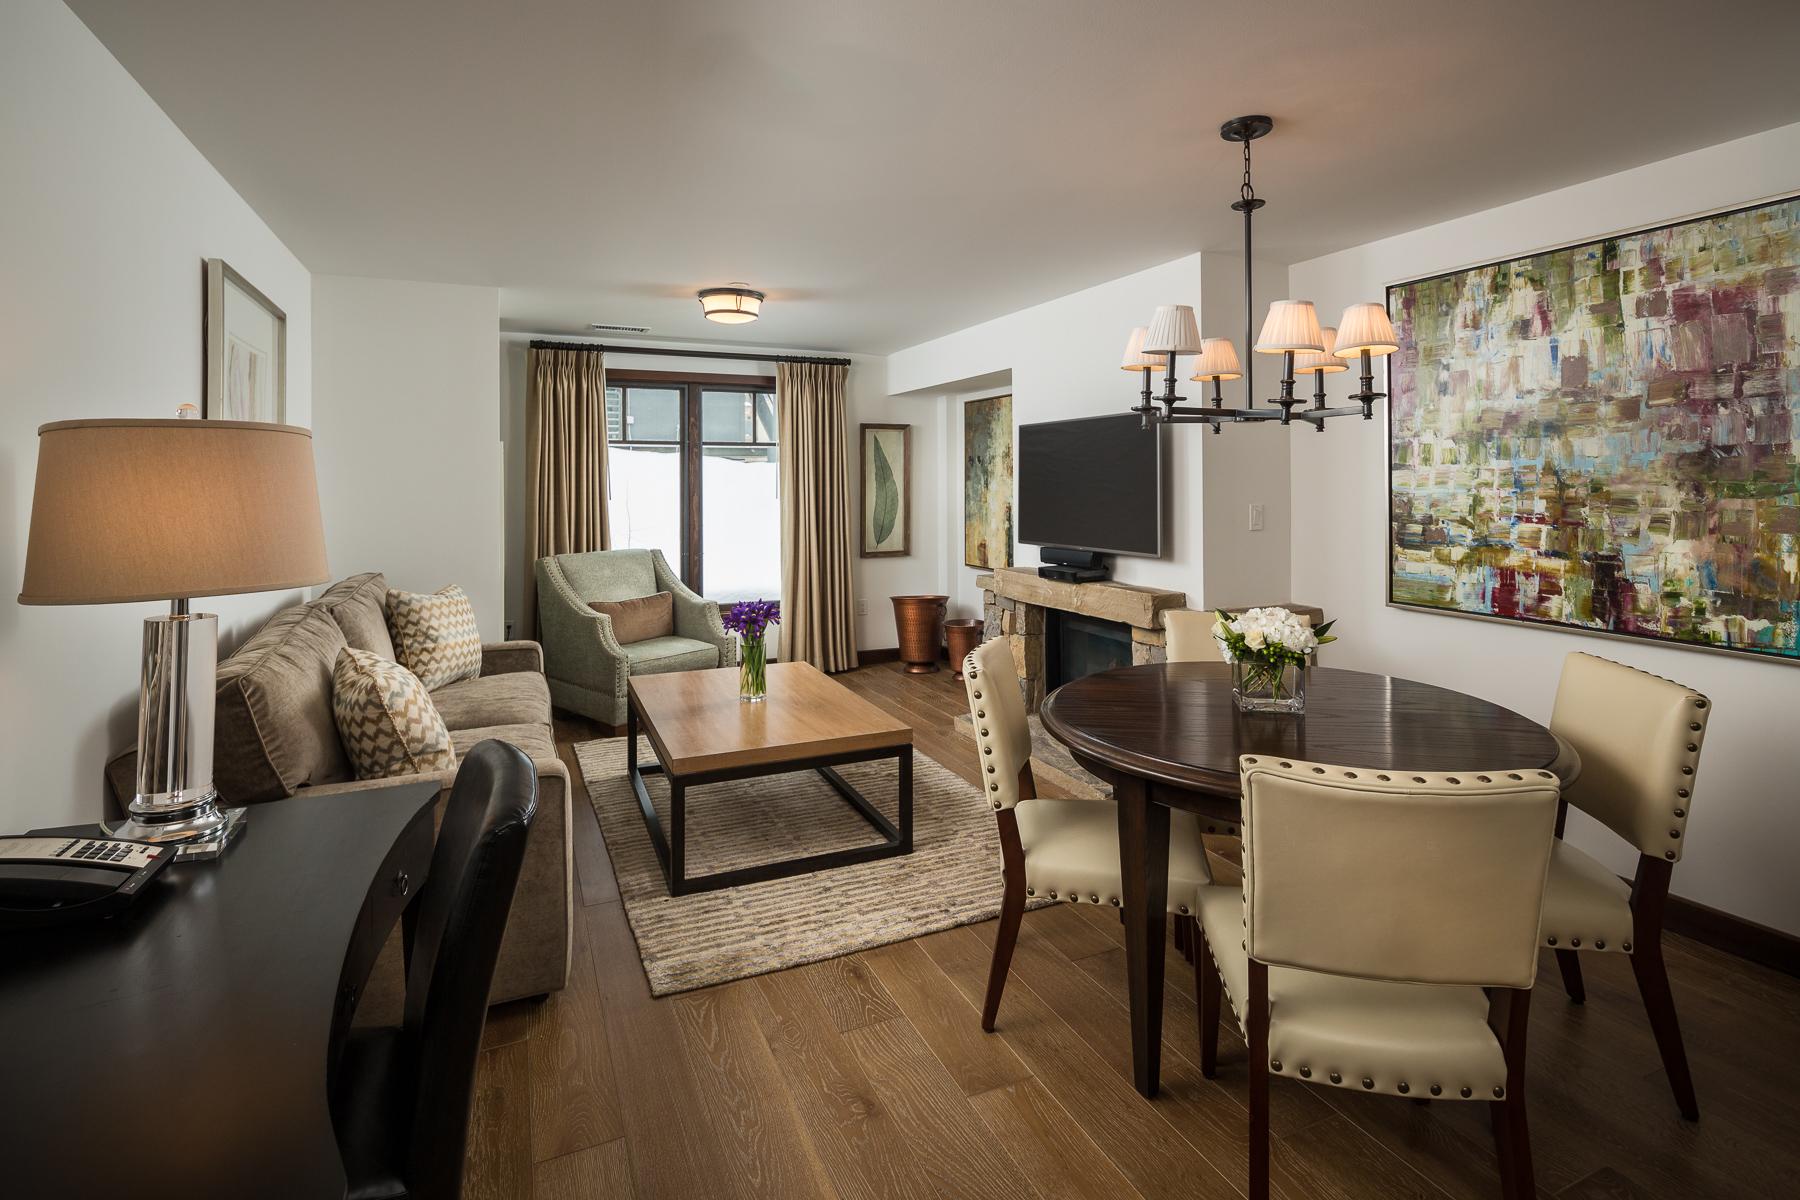 コンドミニアム のために 売買 アット Residence 1307, Madeline Hotel & Residences 568 Mountain Village Boulevard, Residence 1307 Telluride, コロラド 81435 アメリカ合衆国